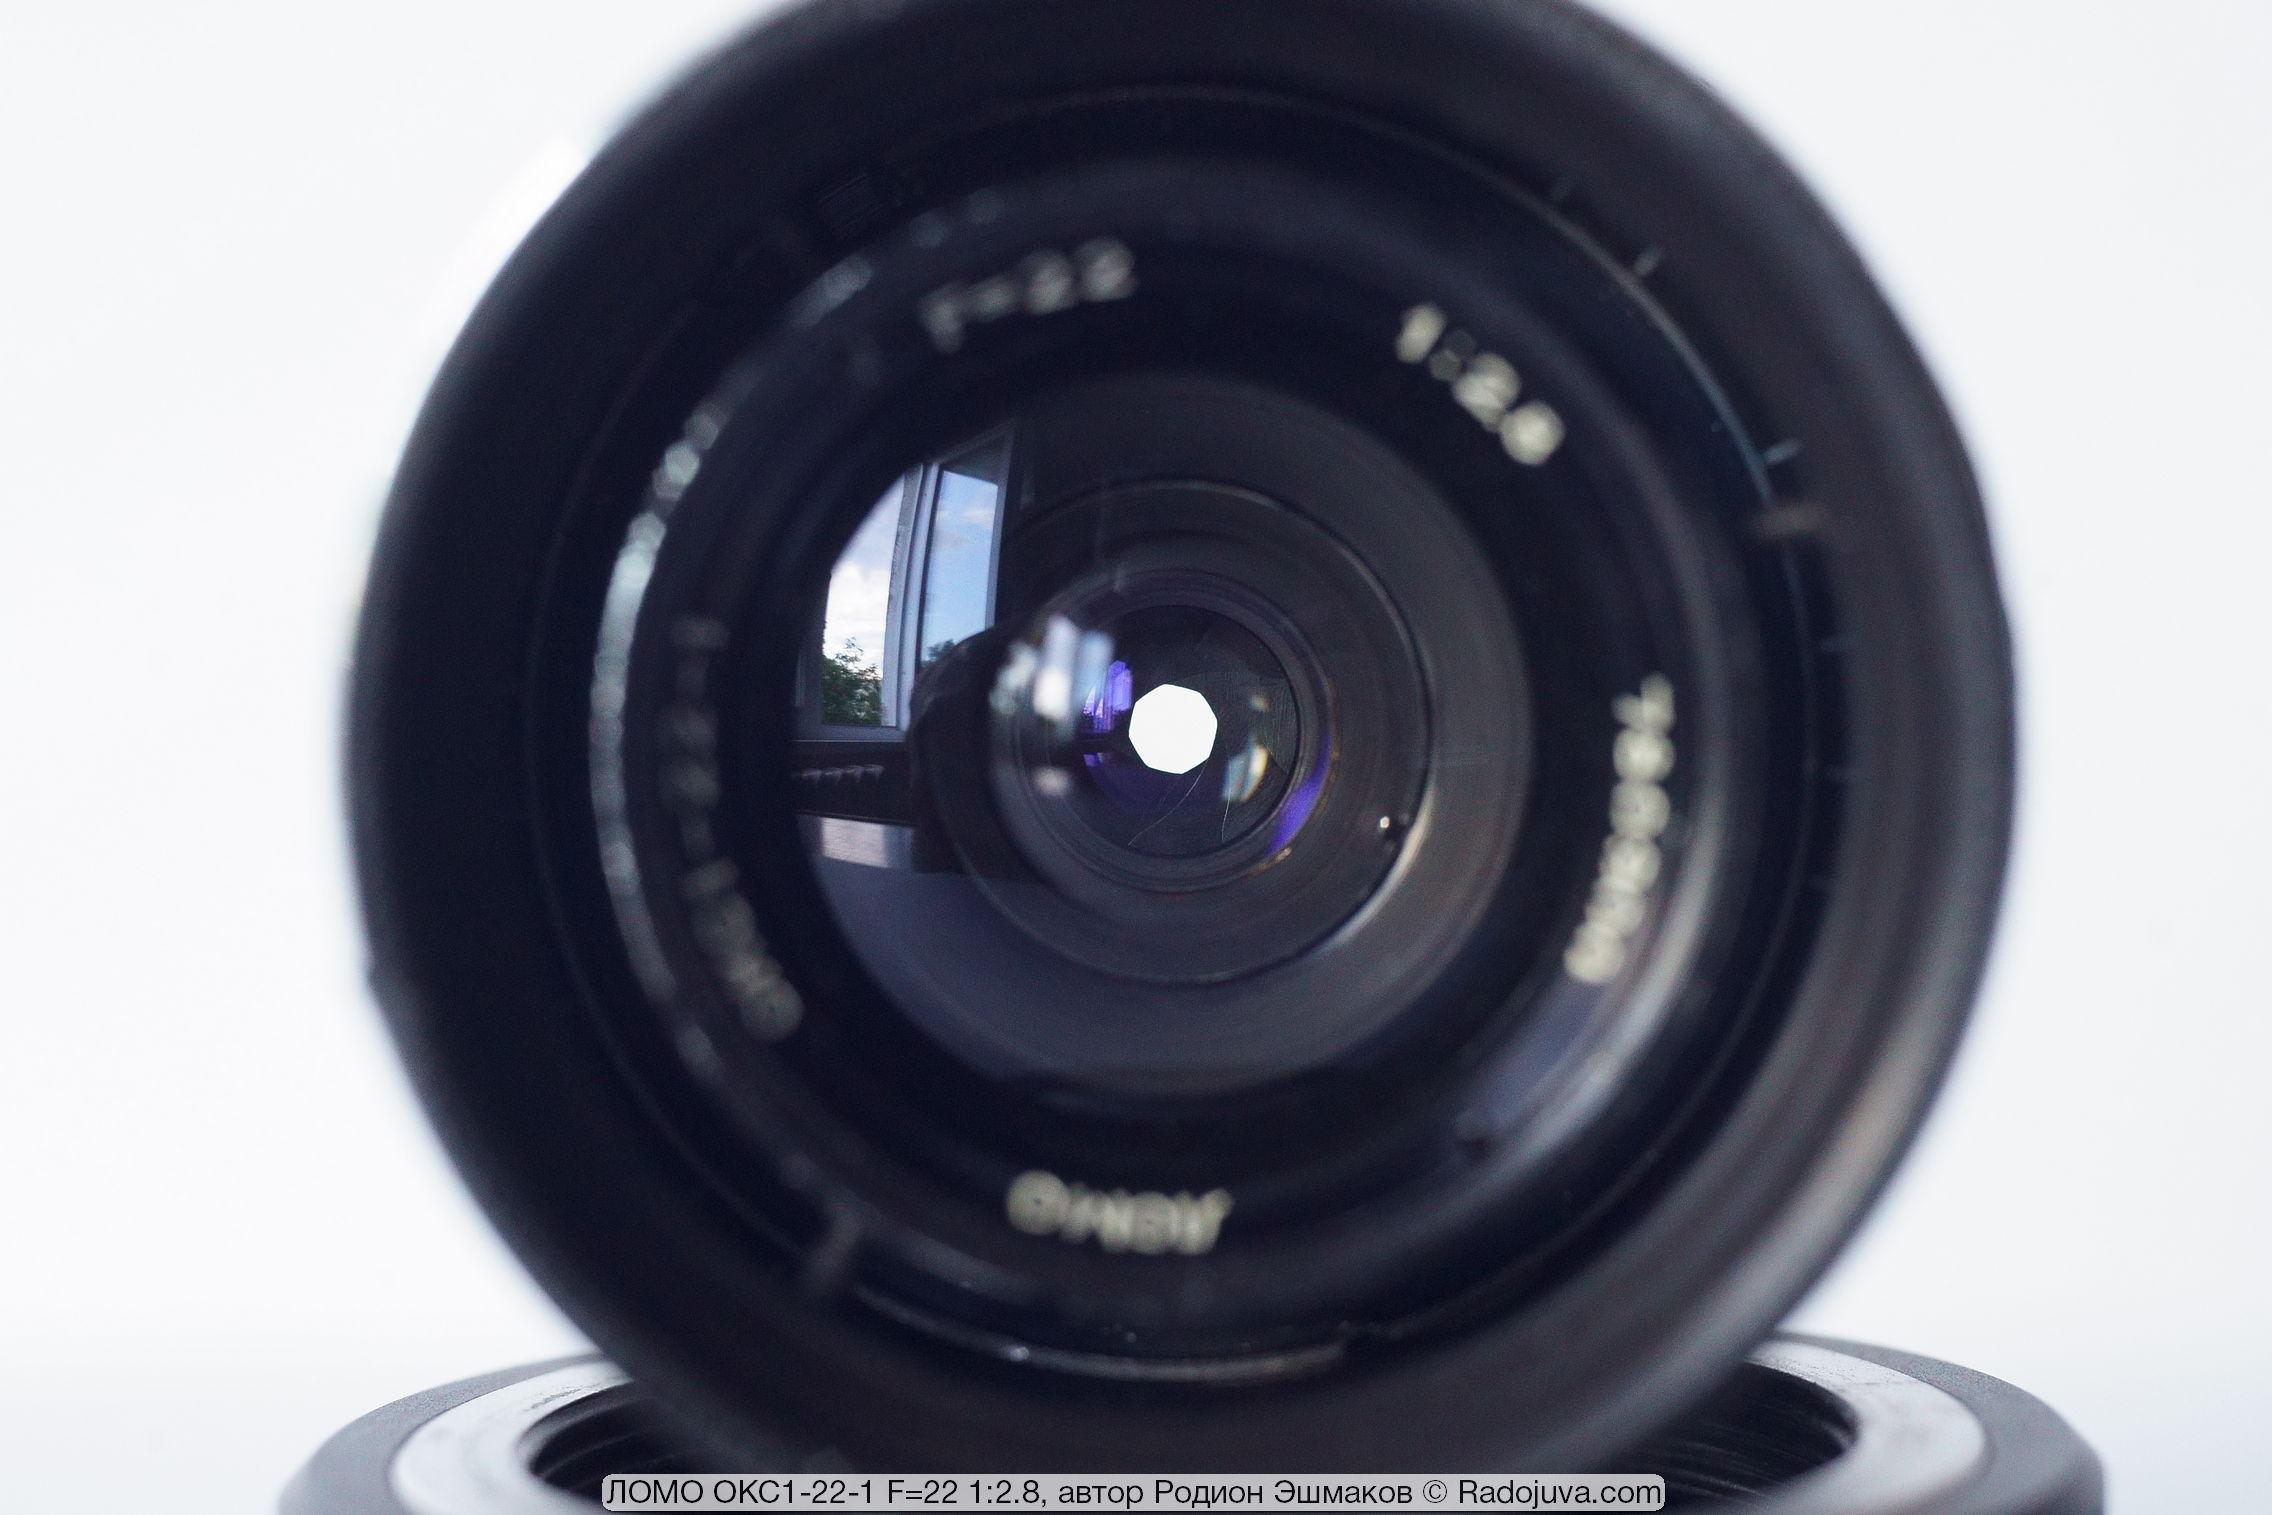 Зрачок объектива при закрытой до F/8 диафрагме.